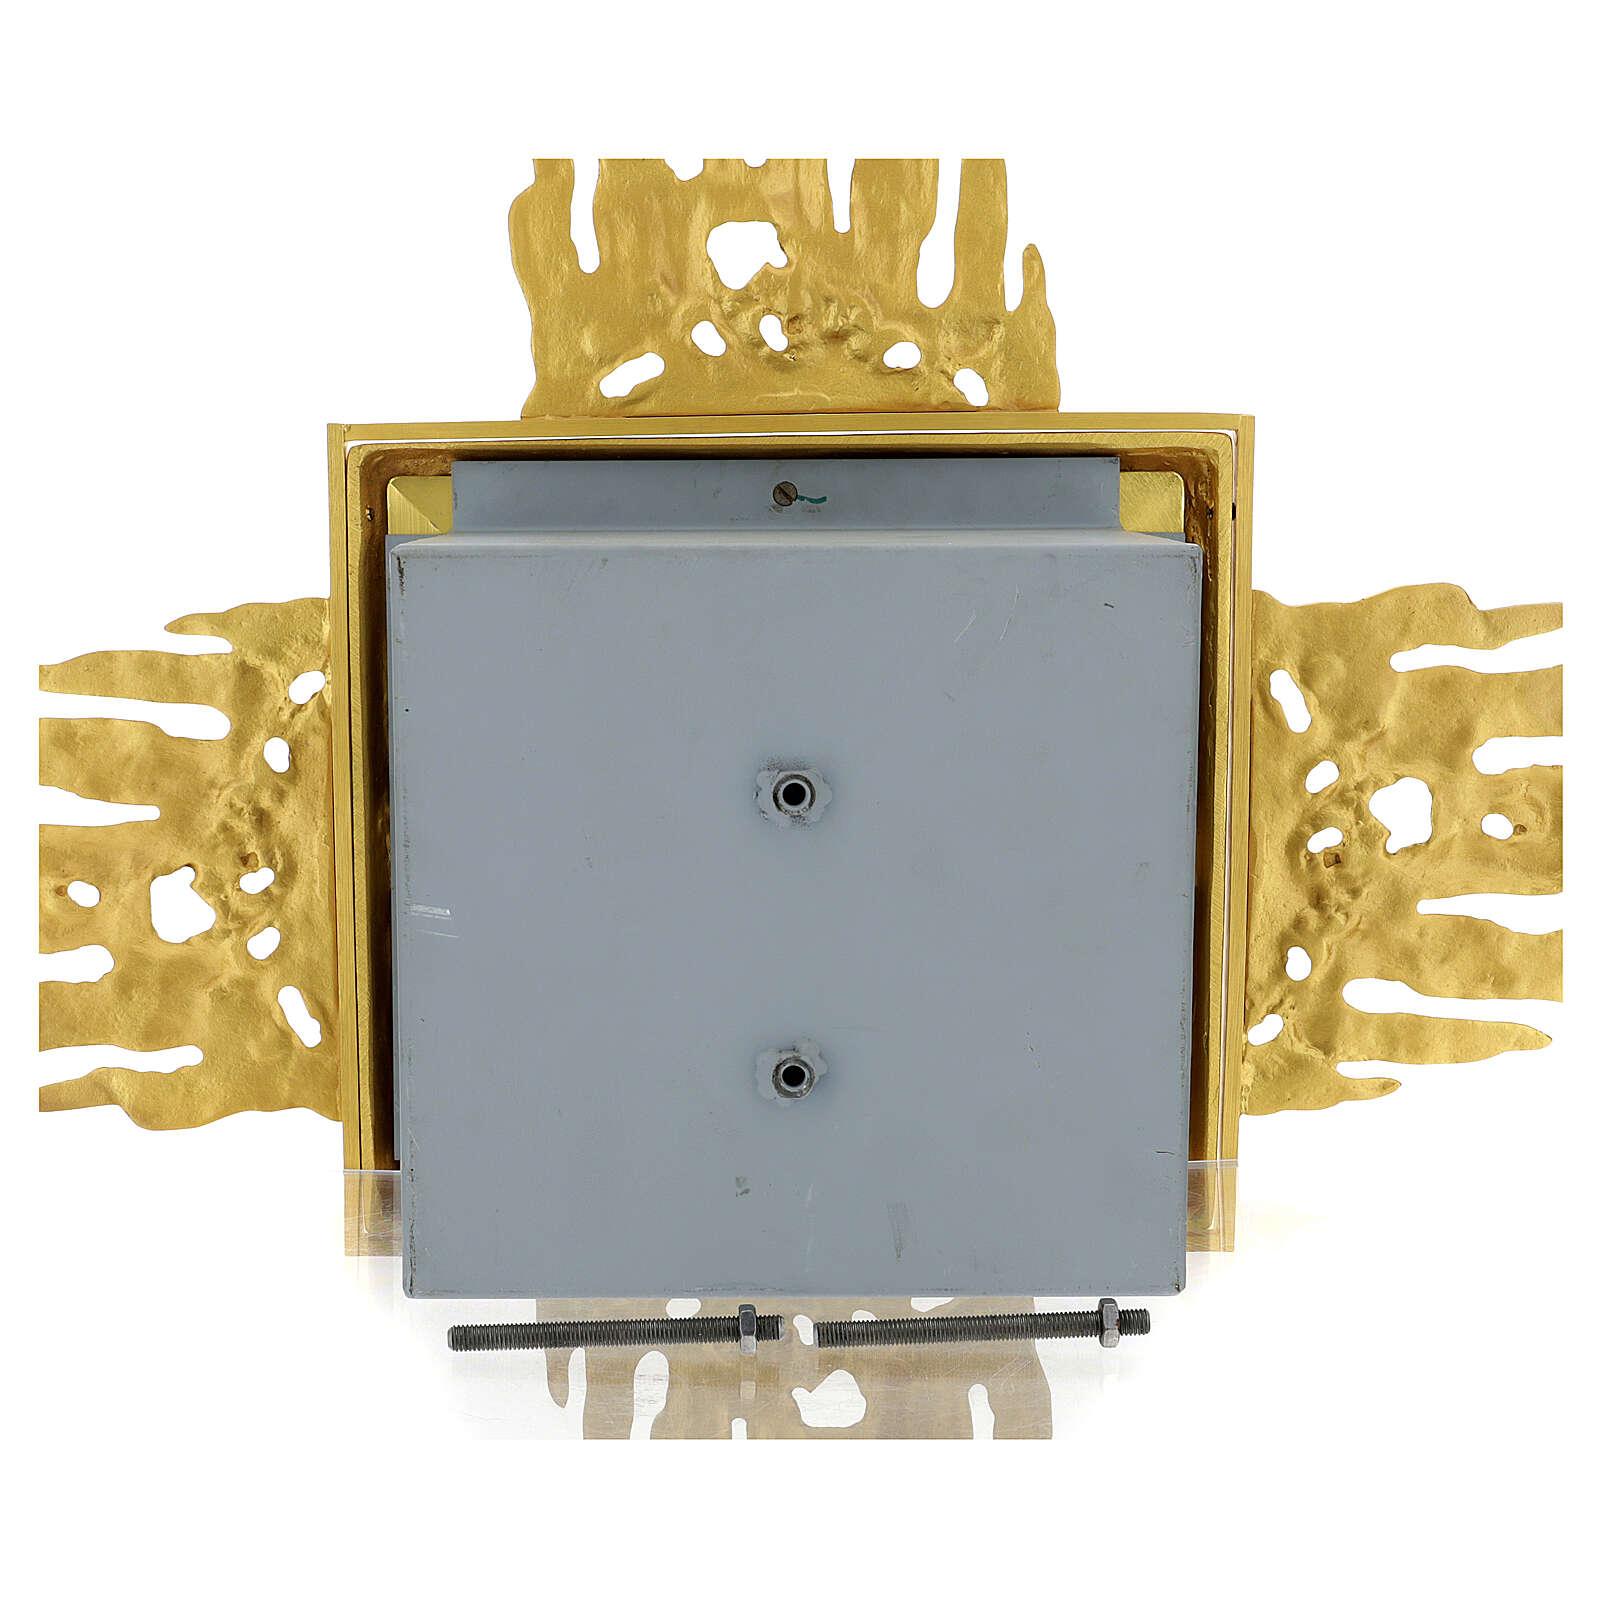 Tabernacolo da muro ottone con raggiera 90x90 cm e porta bicolore 4